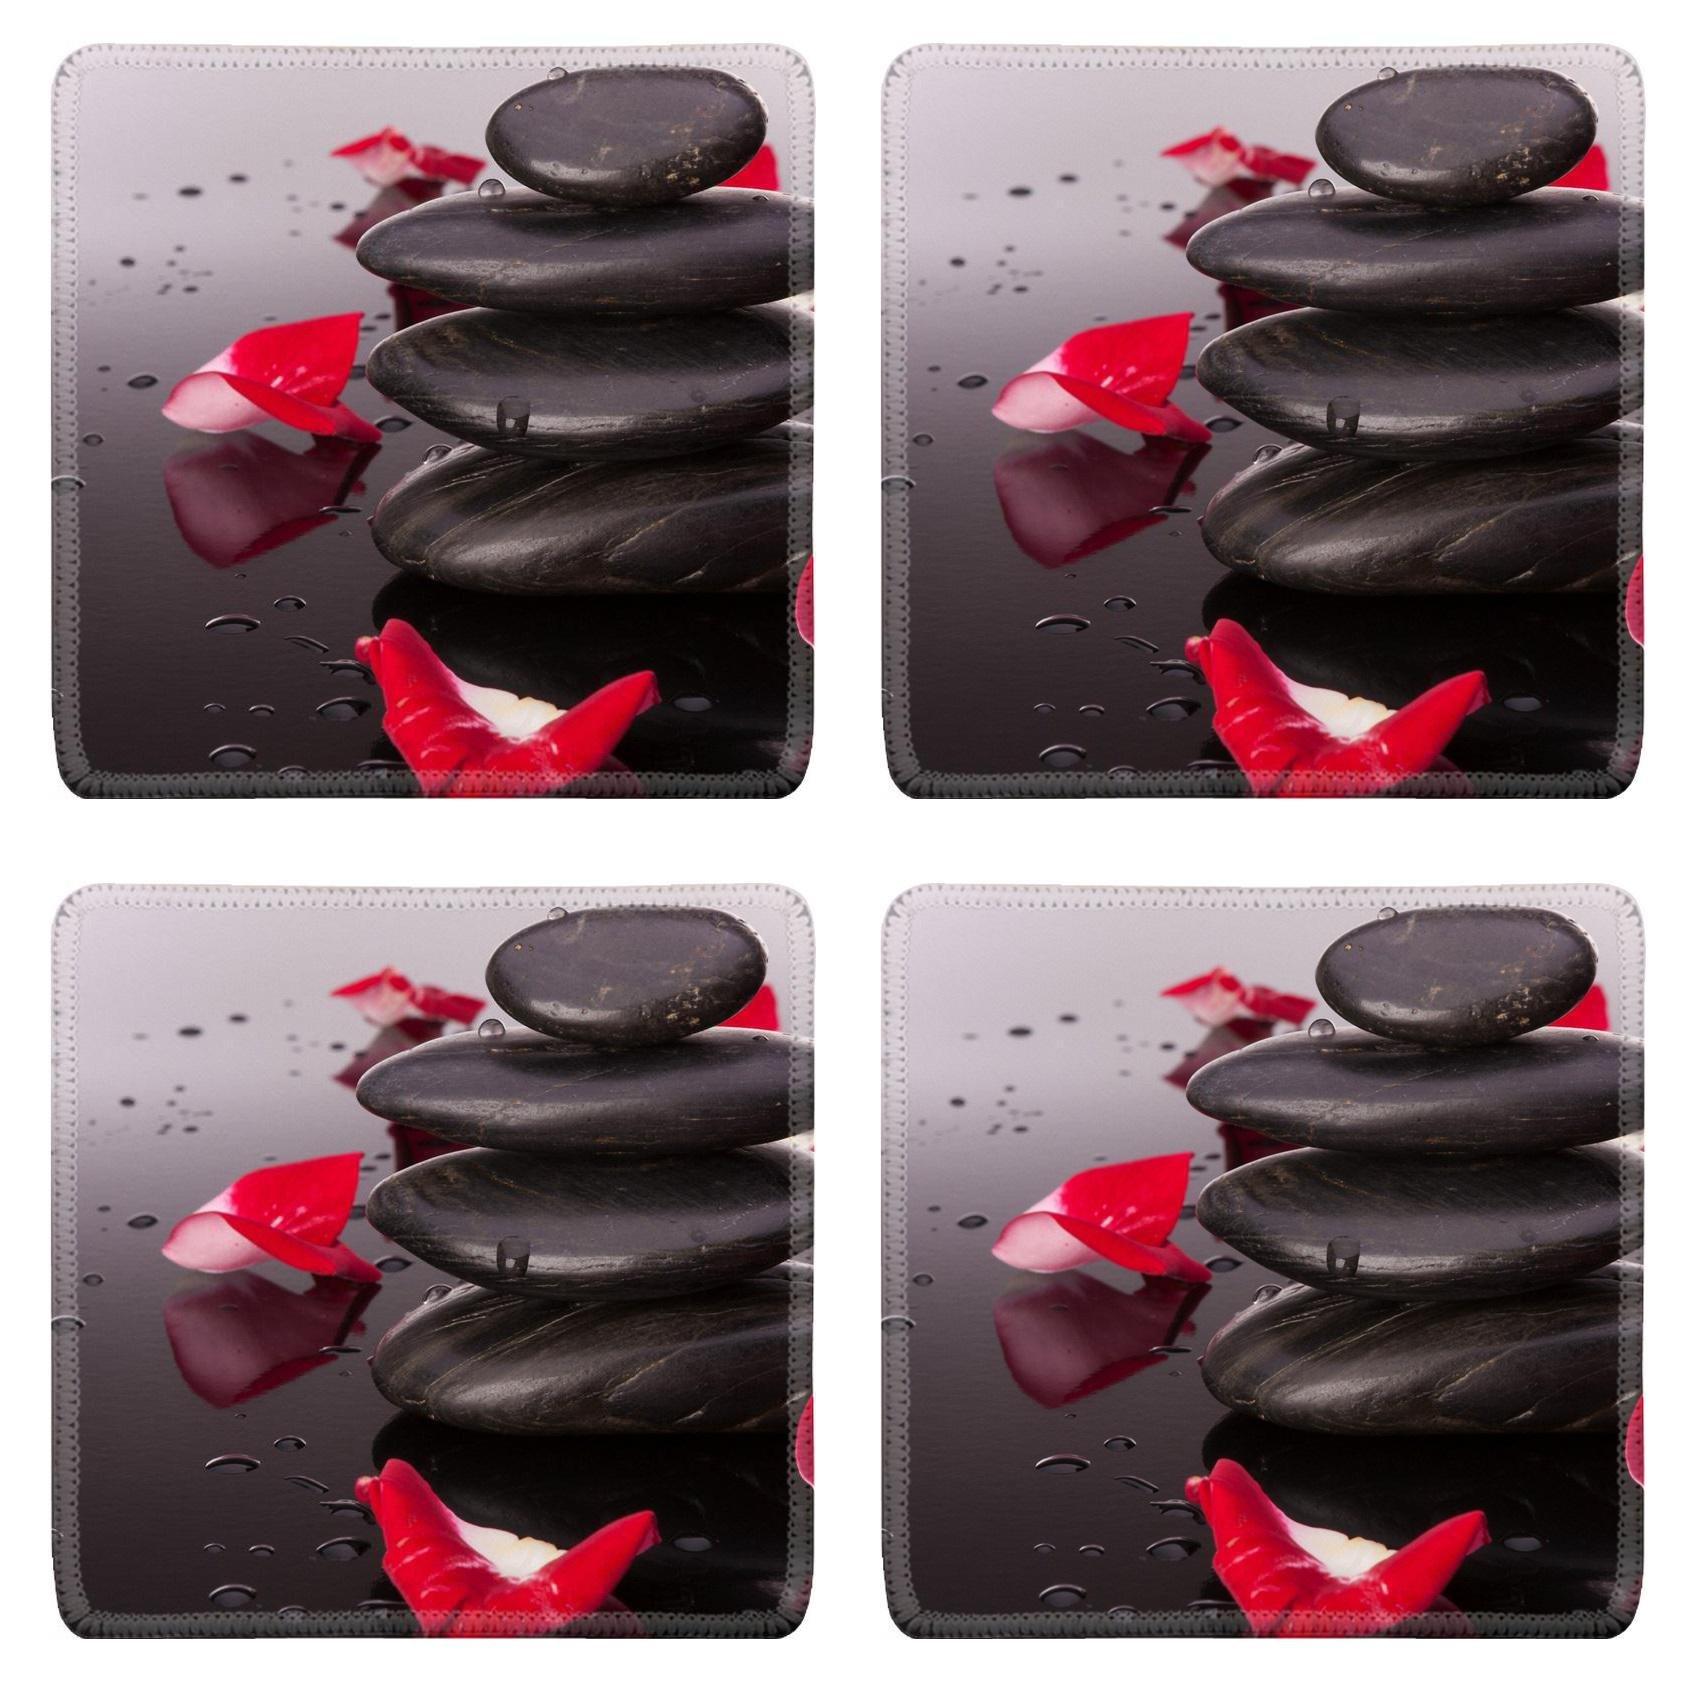 MSD Square Coasters Non-Slip Natural Rubber Desk Coasters design 25377294 Spa stone and flower petal still life Healthcare concept